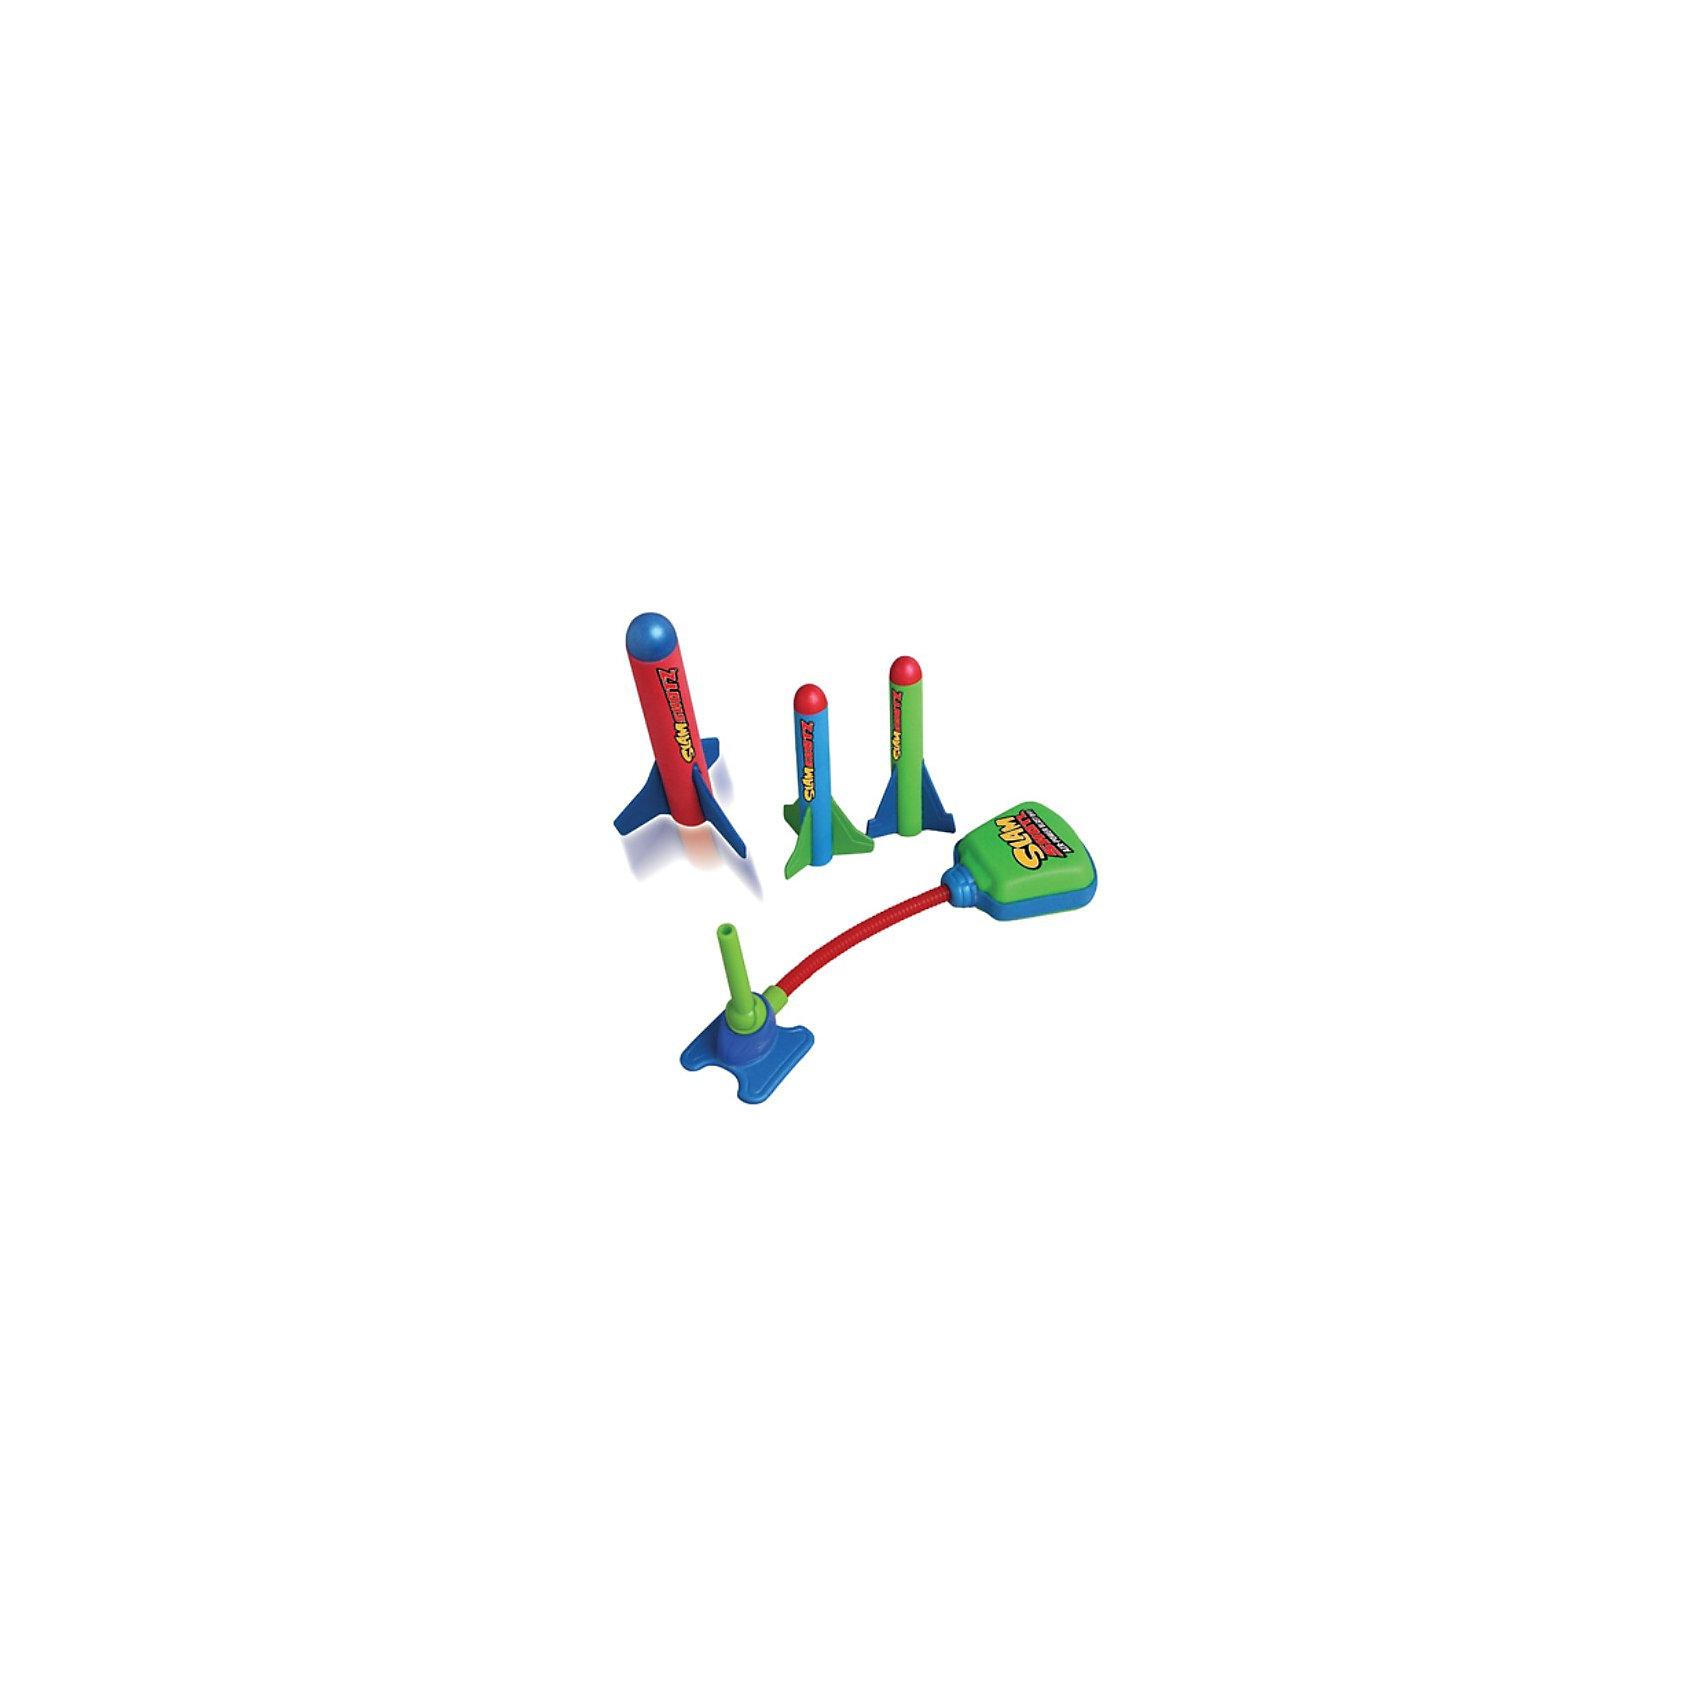 Zing Ракетная установка Мини (Slam Shotz)Игровые наборы<br>Ракетная установка Slam Shotz — это уменьшенная копия Zomp Rocket специально для игр дома. В набор входят:<br>ракетная установка, способная сделать выстрел до 25 метров в высоту и 3 весёлые и мягкие ракеты.<br> Slam Shotz - это отличный способ немного отвлечься от рабочего процесса, но Slam Shotz найдут место и в самых обычных детских играх — с ним можно, например, устроить соревнование. <br> Не переживайте, что ребенок  может разбить стекло в серванте или поранится — ракеты созданы для безопасных развлечений, из мягкого и легкого материала.<br><br>Ширина мм: 110<br>Глубина мм: 30<br>Высота мм: 200<br>Вес г: 300<br>Возраст от месяцев: 60<br>Возраст до месяцев: 1188<br>Пол: Унисекс<br>Возраст: Детский<br>SKU: 3180393